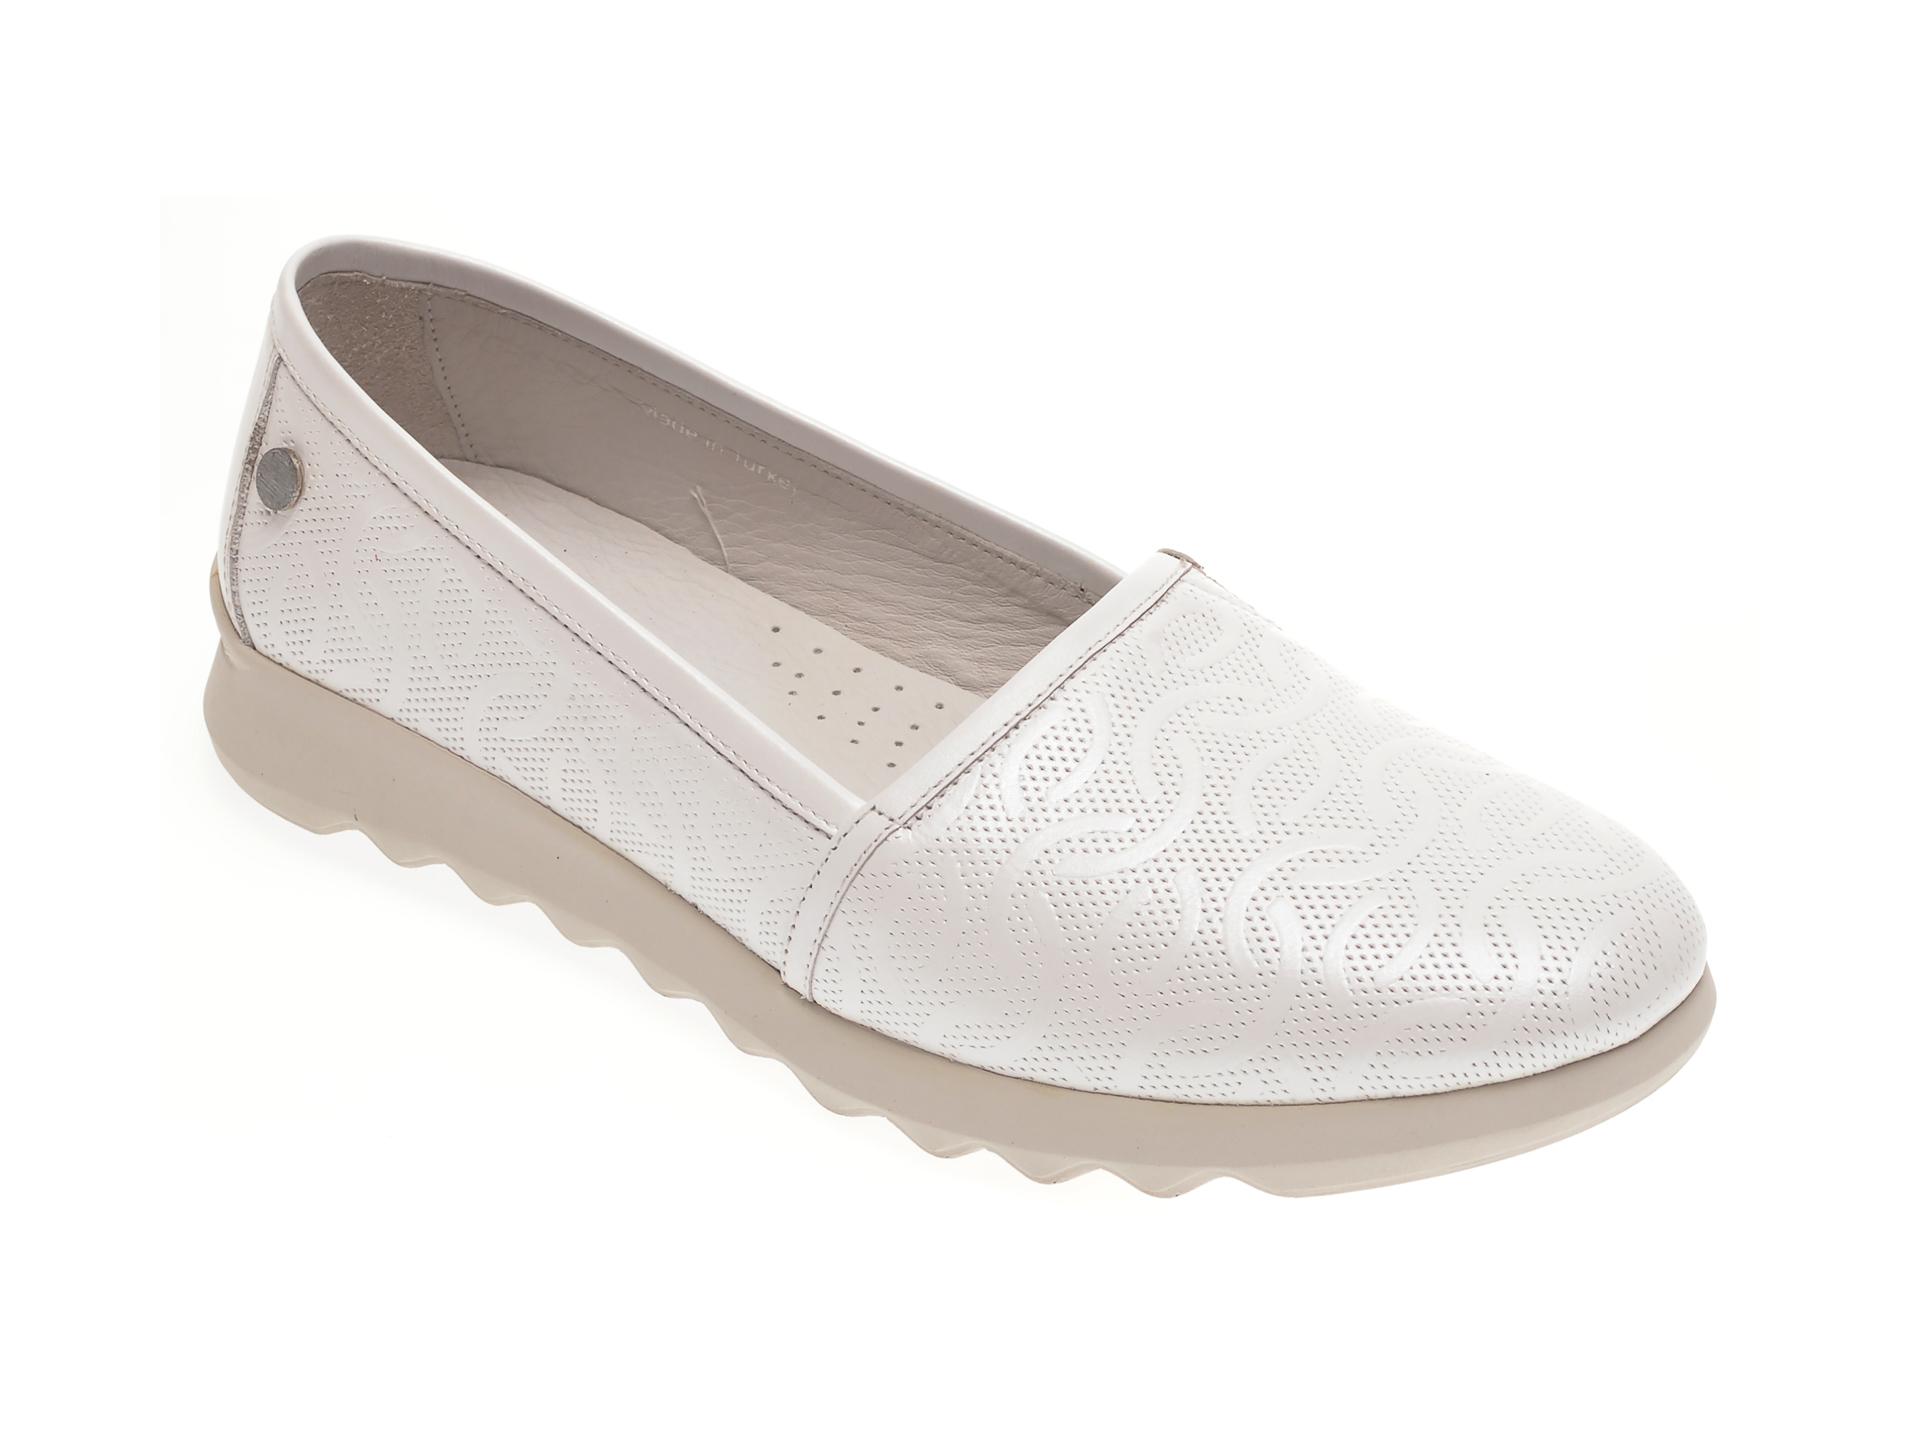 Pantofi LE BERDE albi, 146FERM, din piele naturala